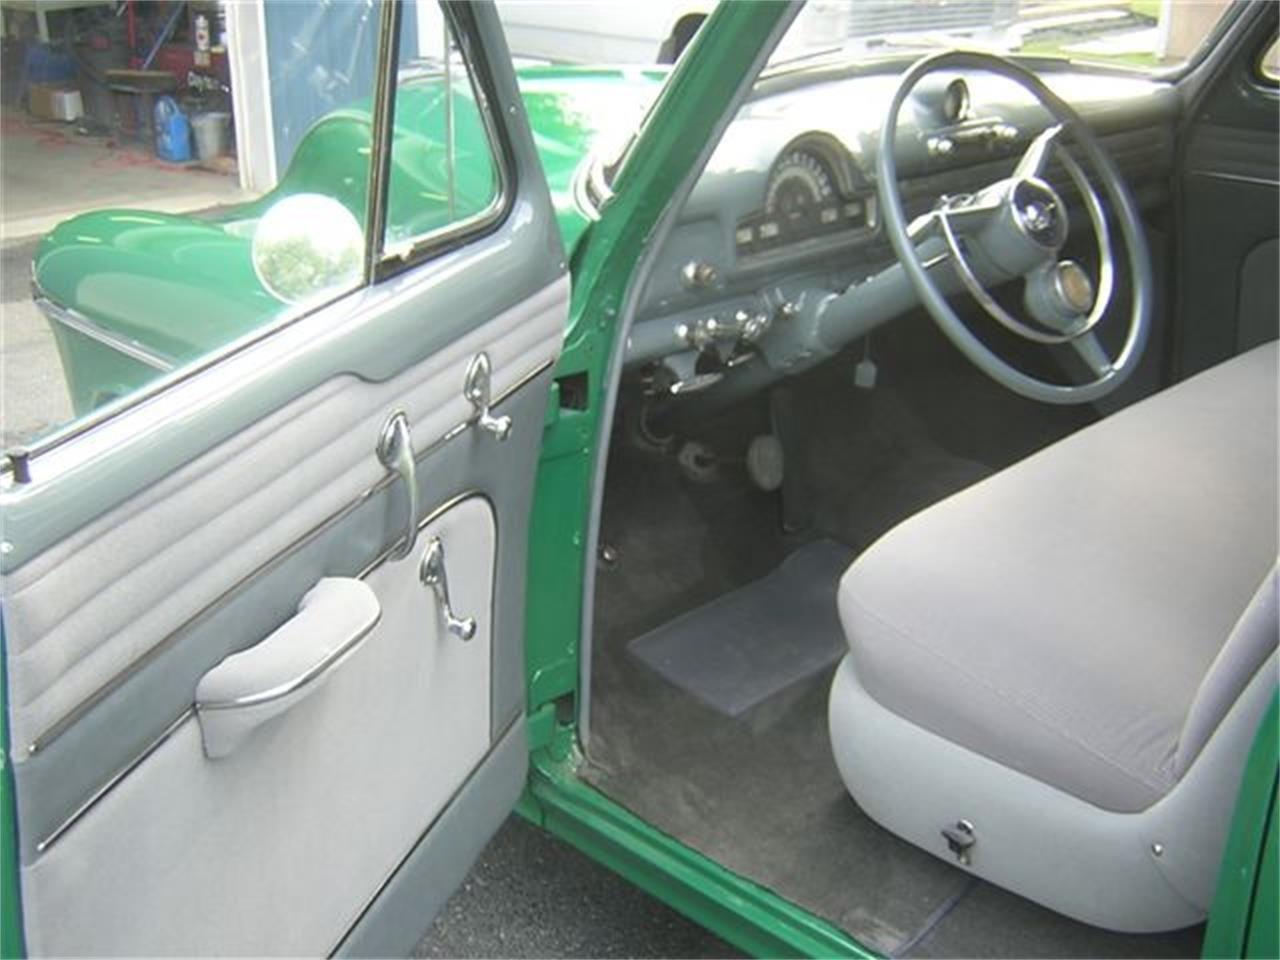 1951 Oldsmobile Delta 88 | Classic Cars & Trucks | Pinterest | Cars